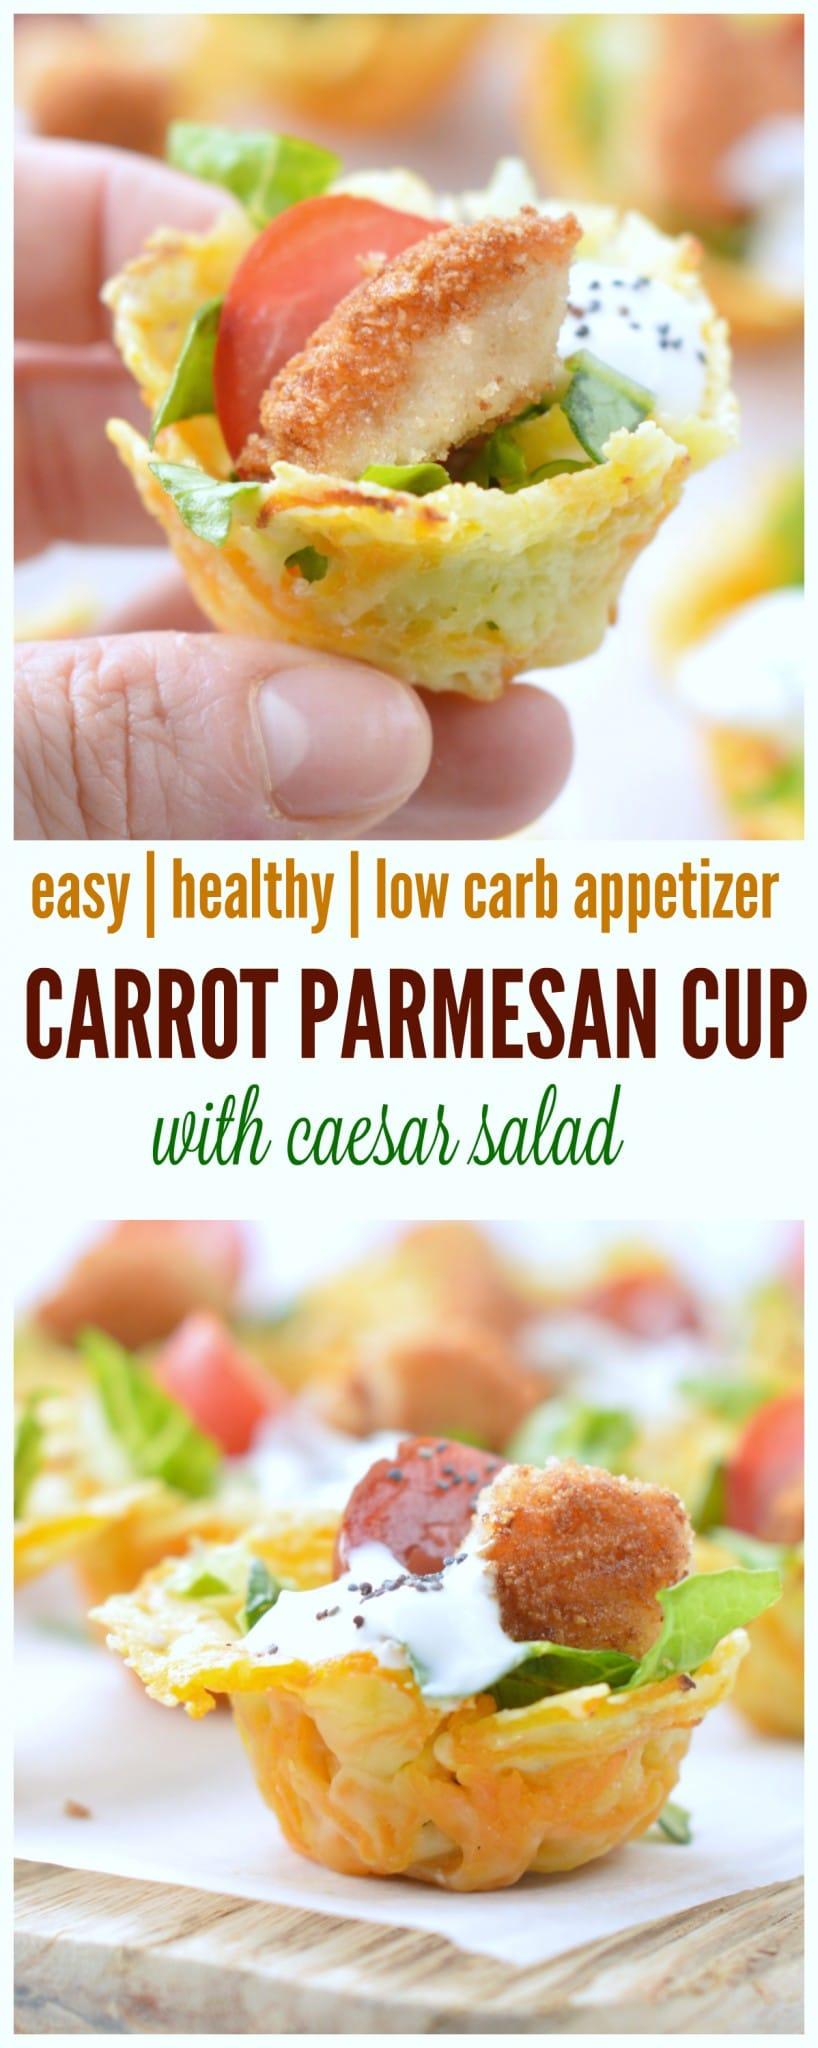 caesar salad in low carb carrot parmesan cups